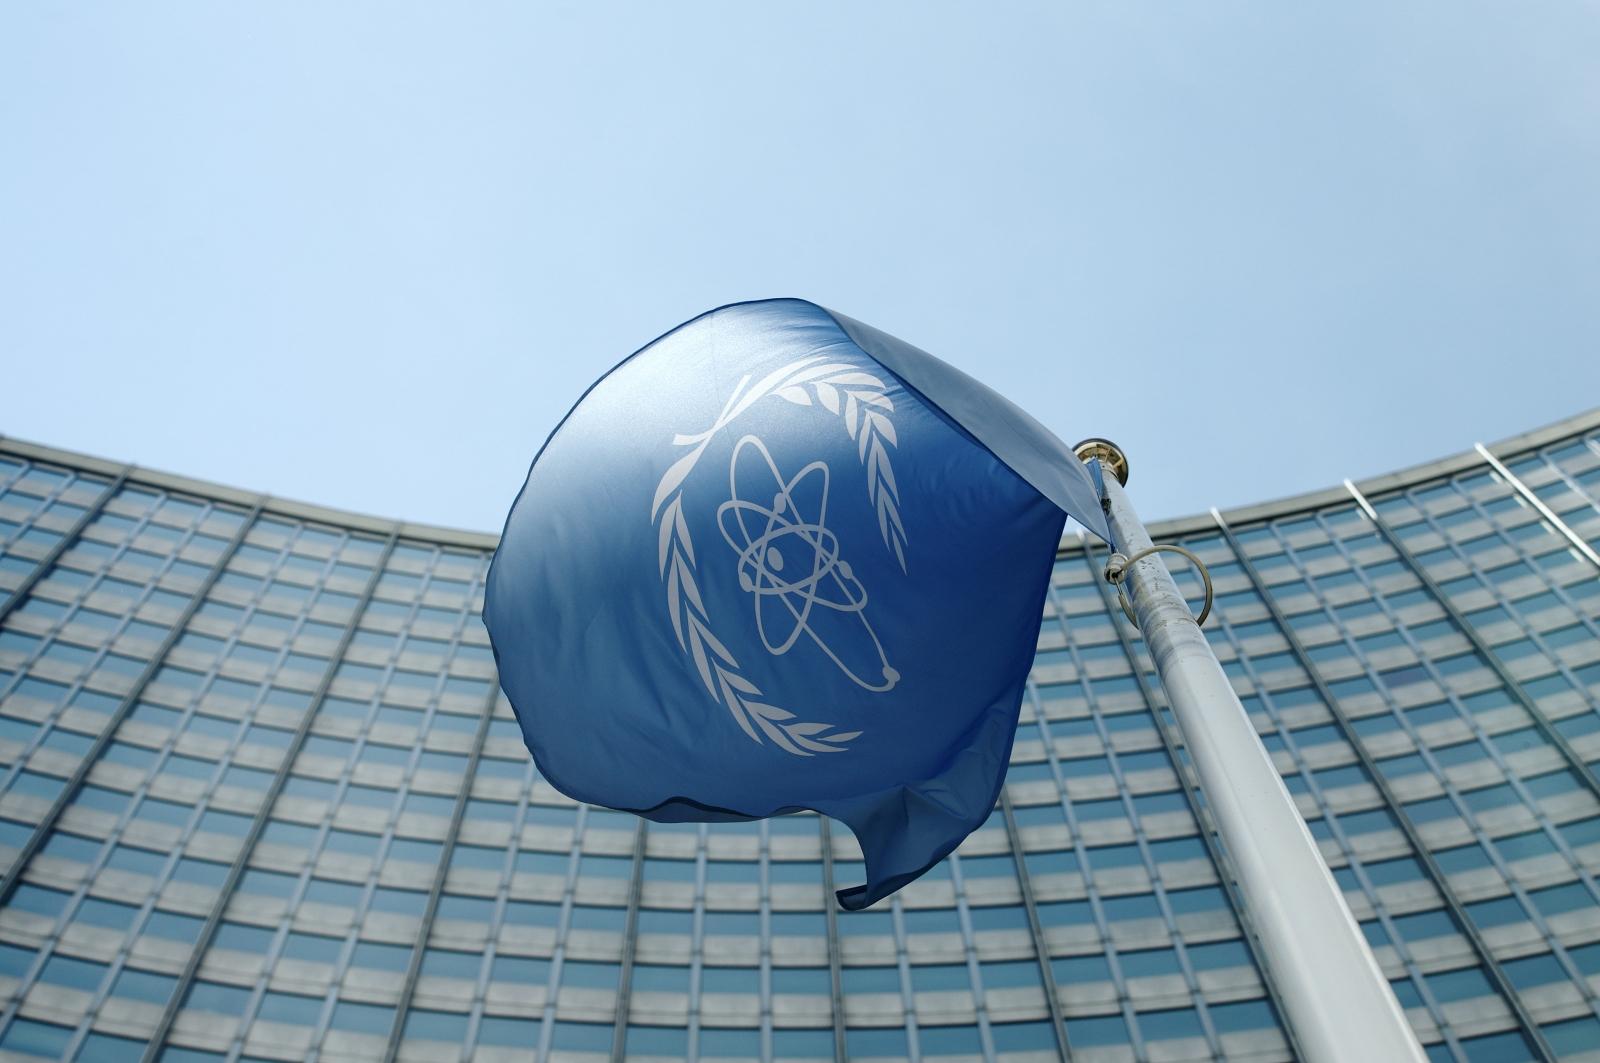 IAEA Iran nuclear agreement